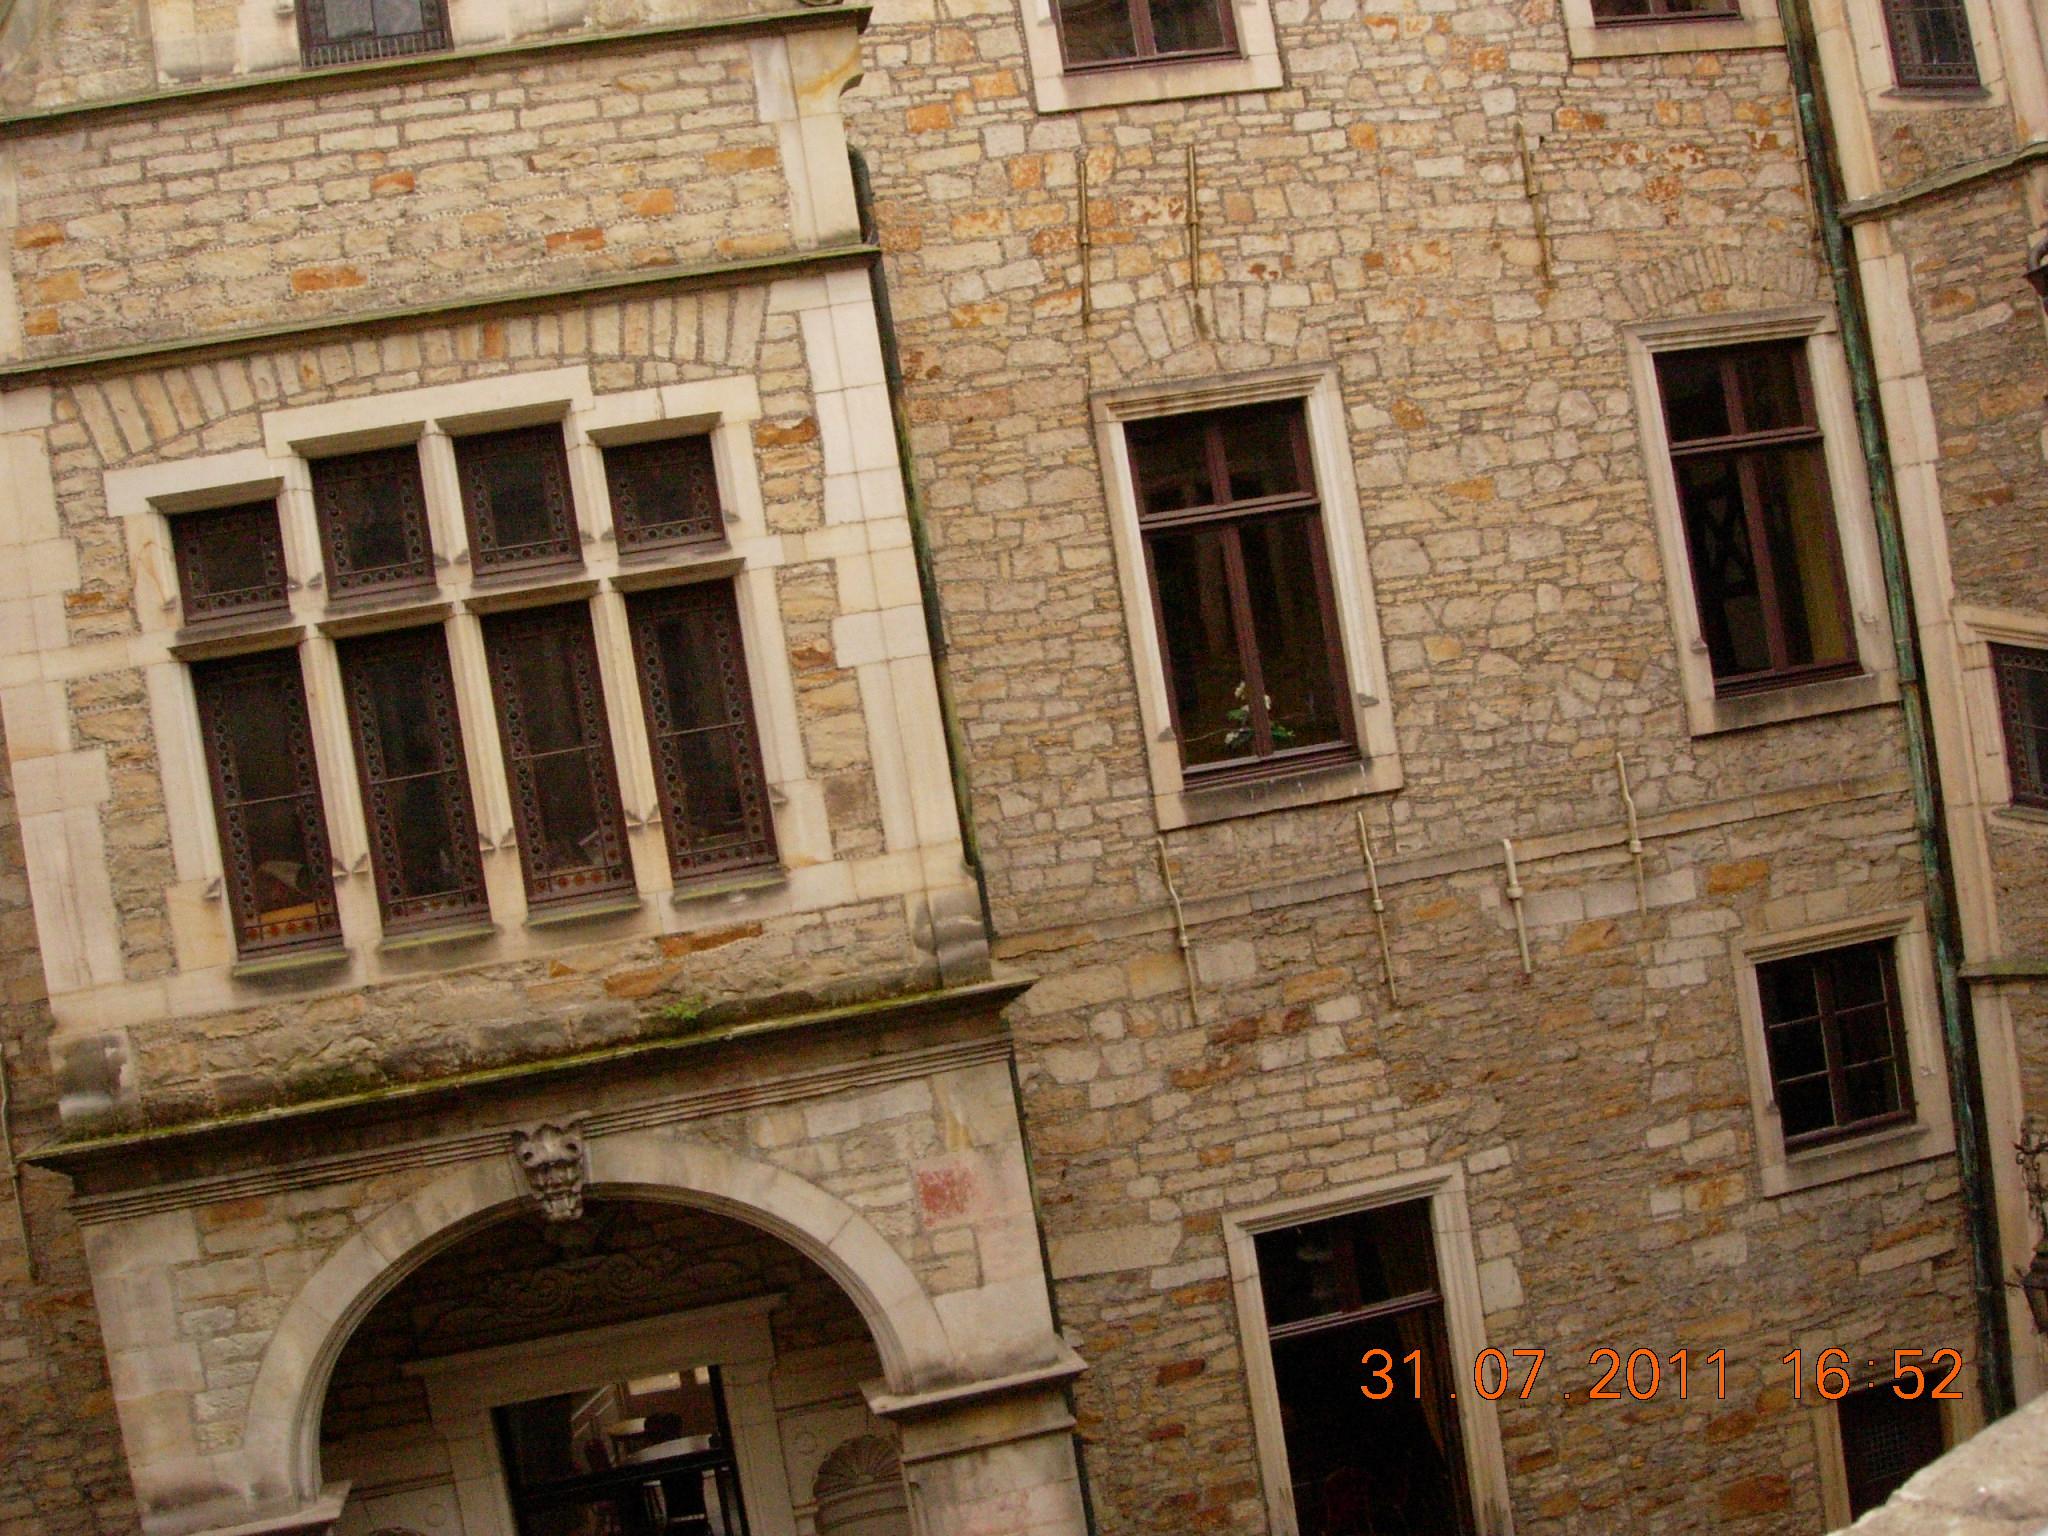 FileInnenhof of the Schloß Bückeburg door and window (crooked).JPG & File:Innenhof of the Schloß Bückeburg door and window (crooked).JPG ...